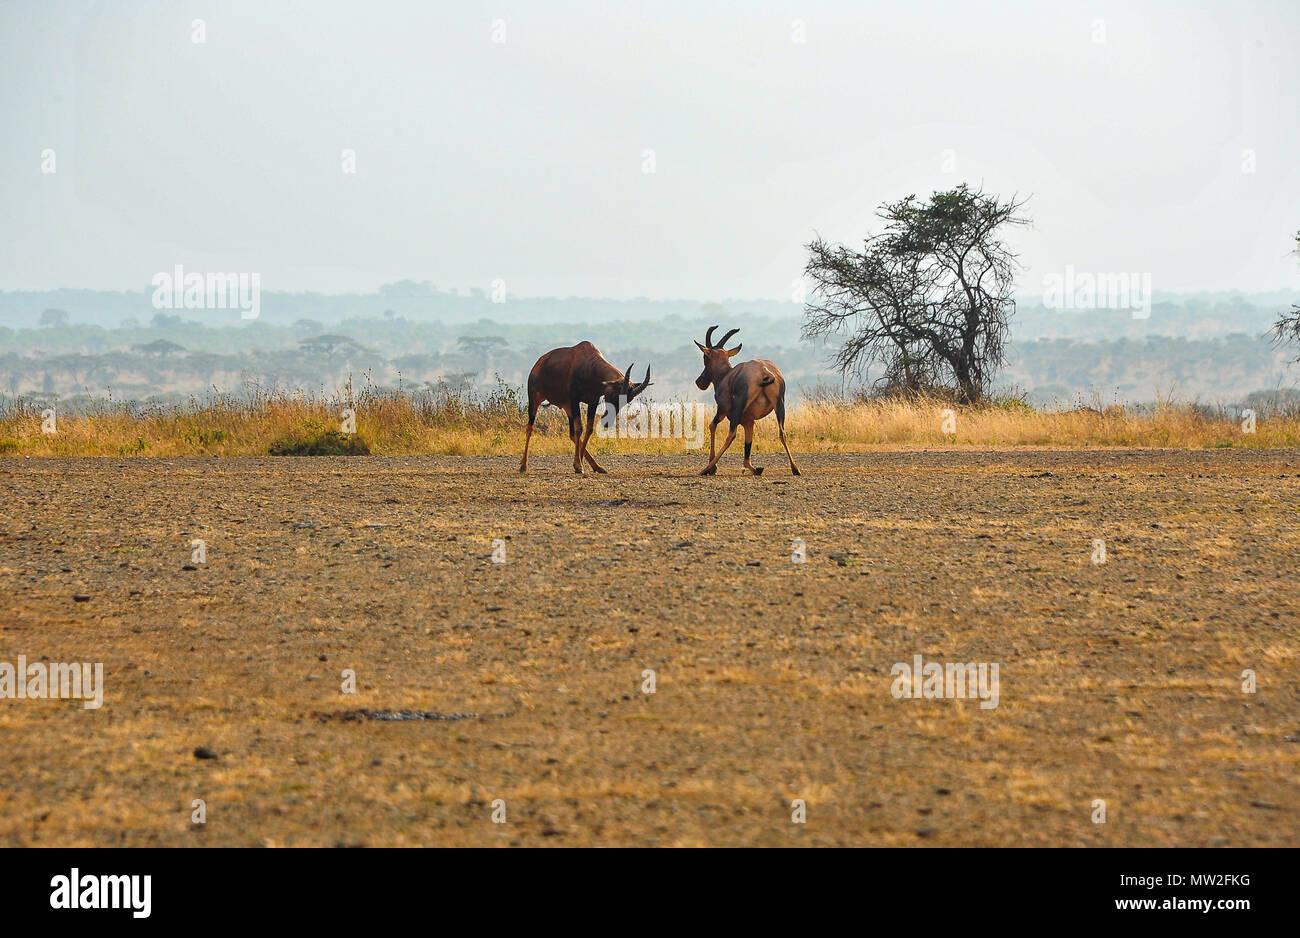 Antílopes Topi (Damaliscus lunatus jimela) lucha por el territorio en un paisaje africano. Dos hombres jóvenes bloquear cuernos en pastos secos Imagen De Stock